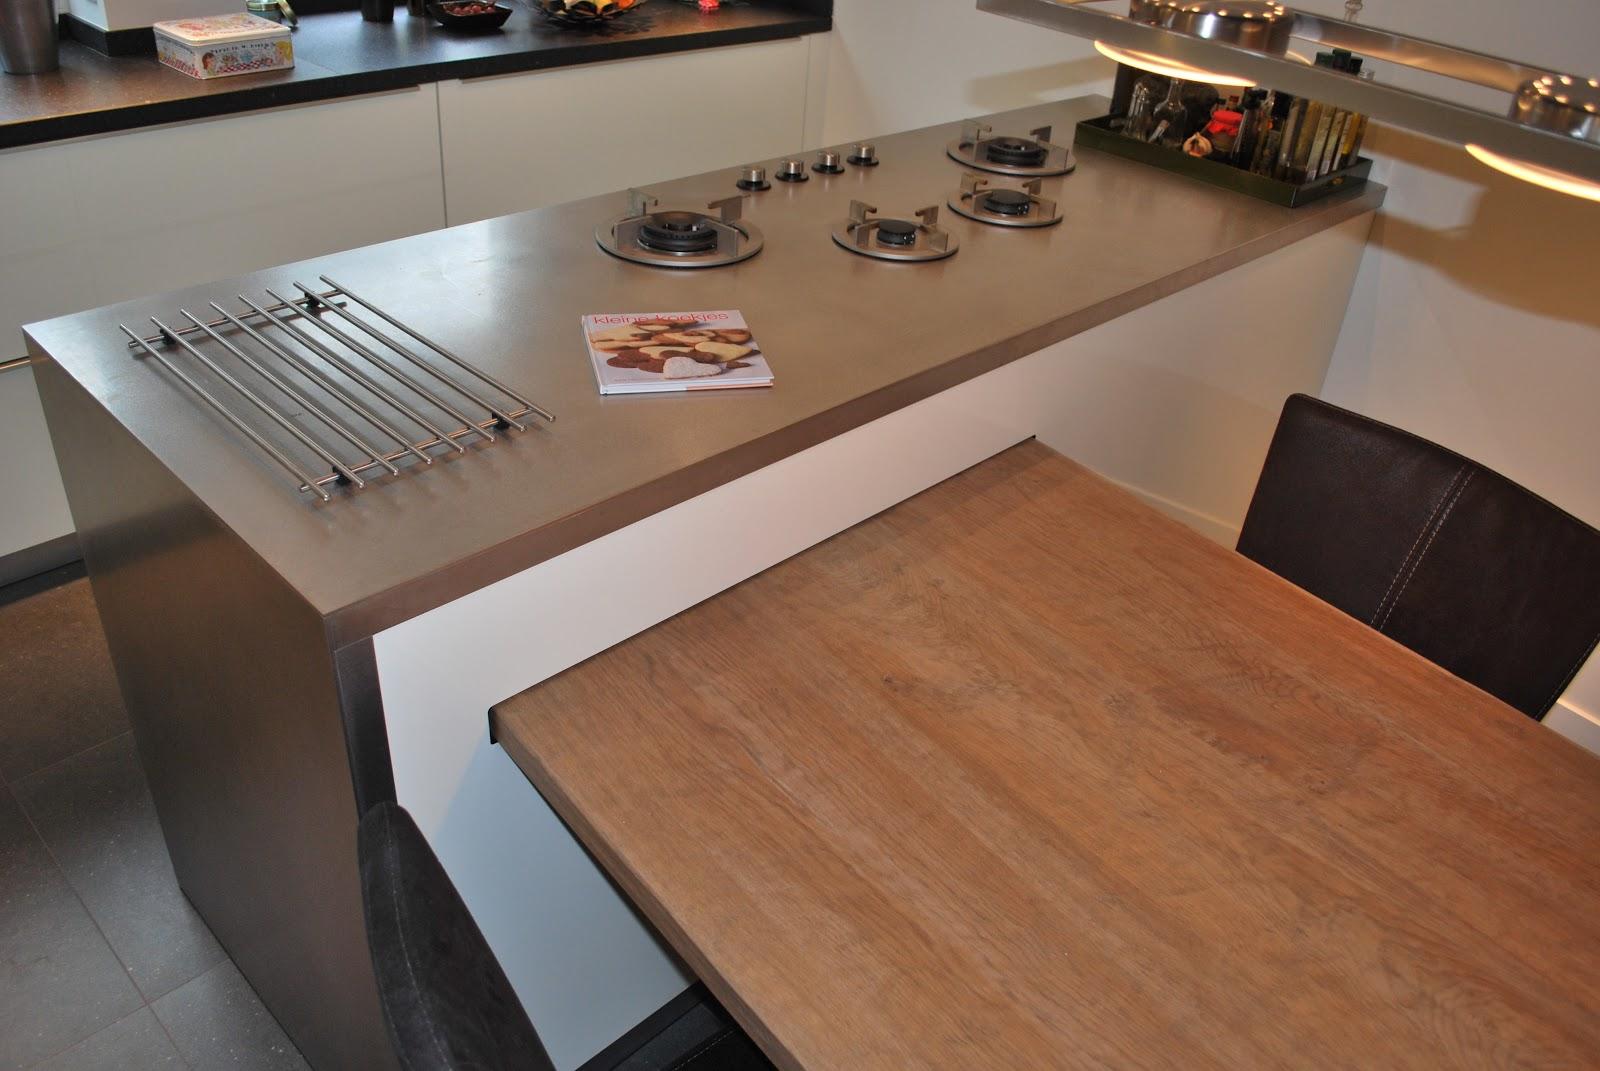 Kookeiland Met Uitschuifbare Tafel: Keukeneiland met spoelbak ...